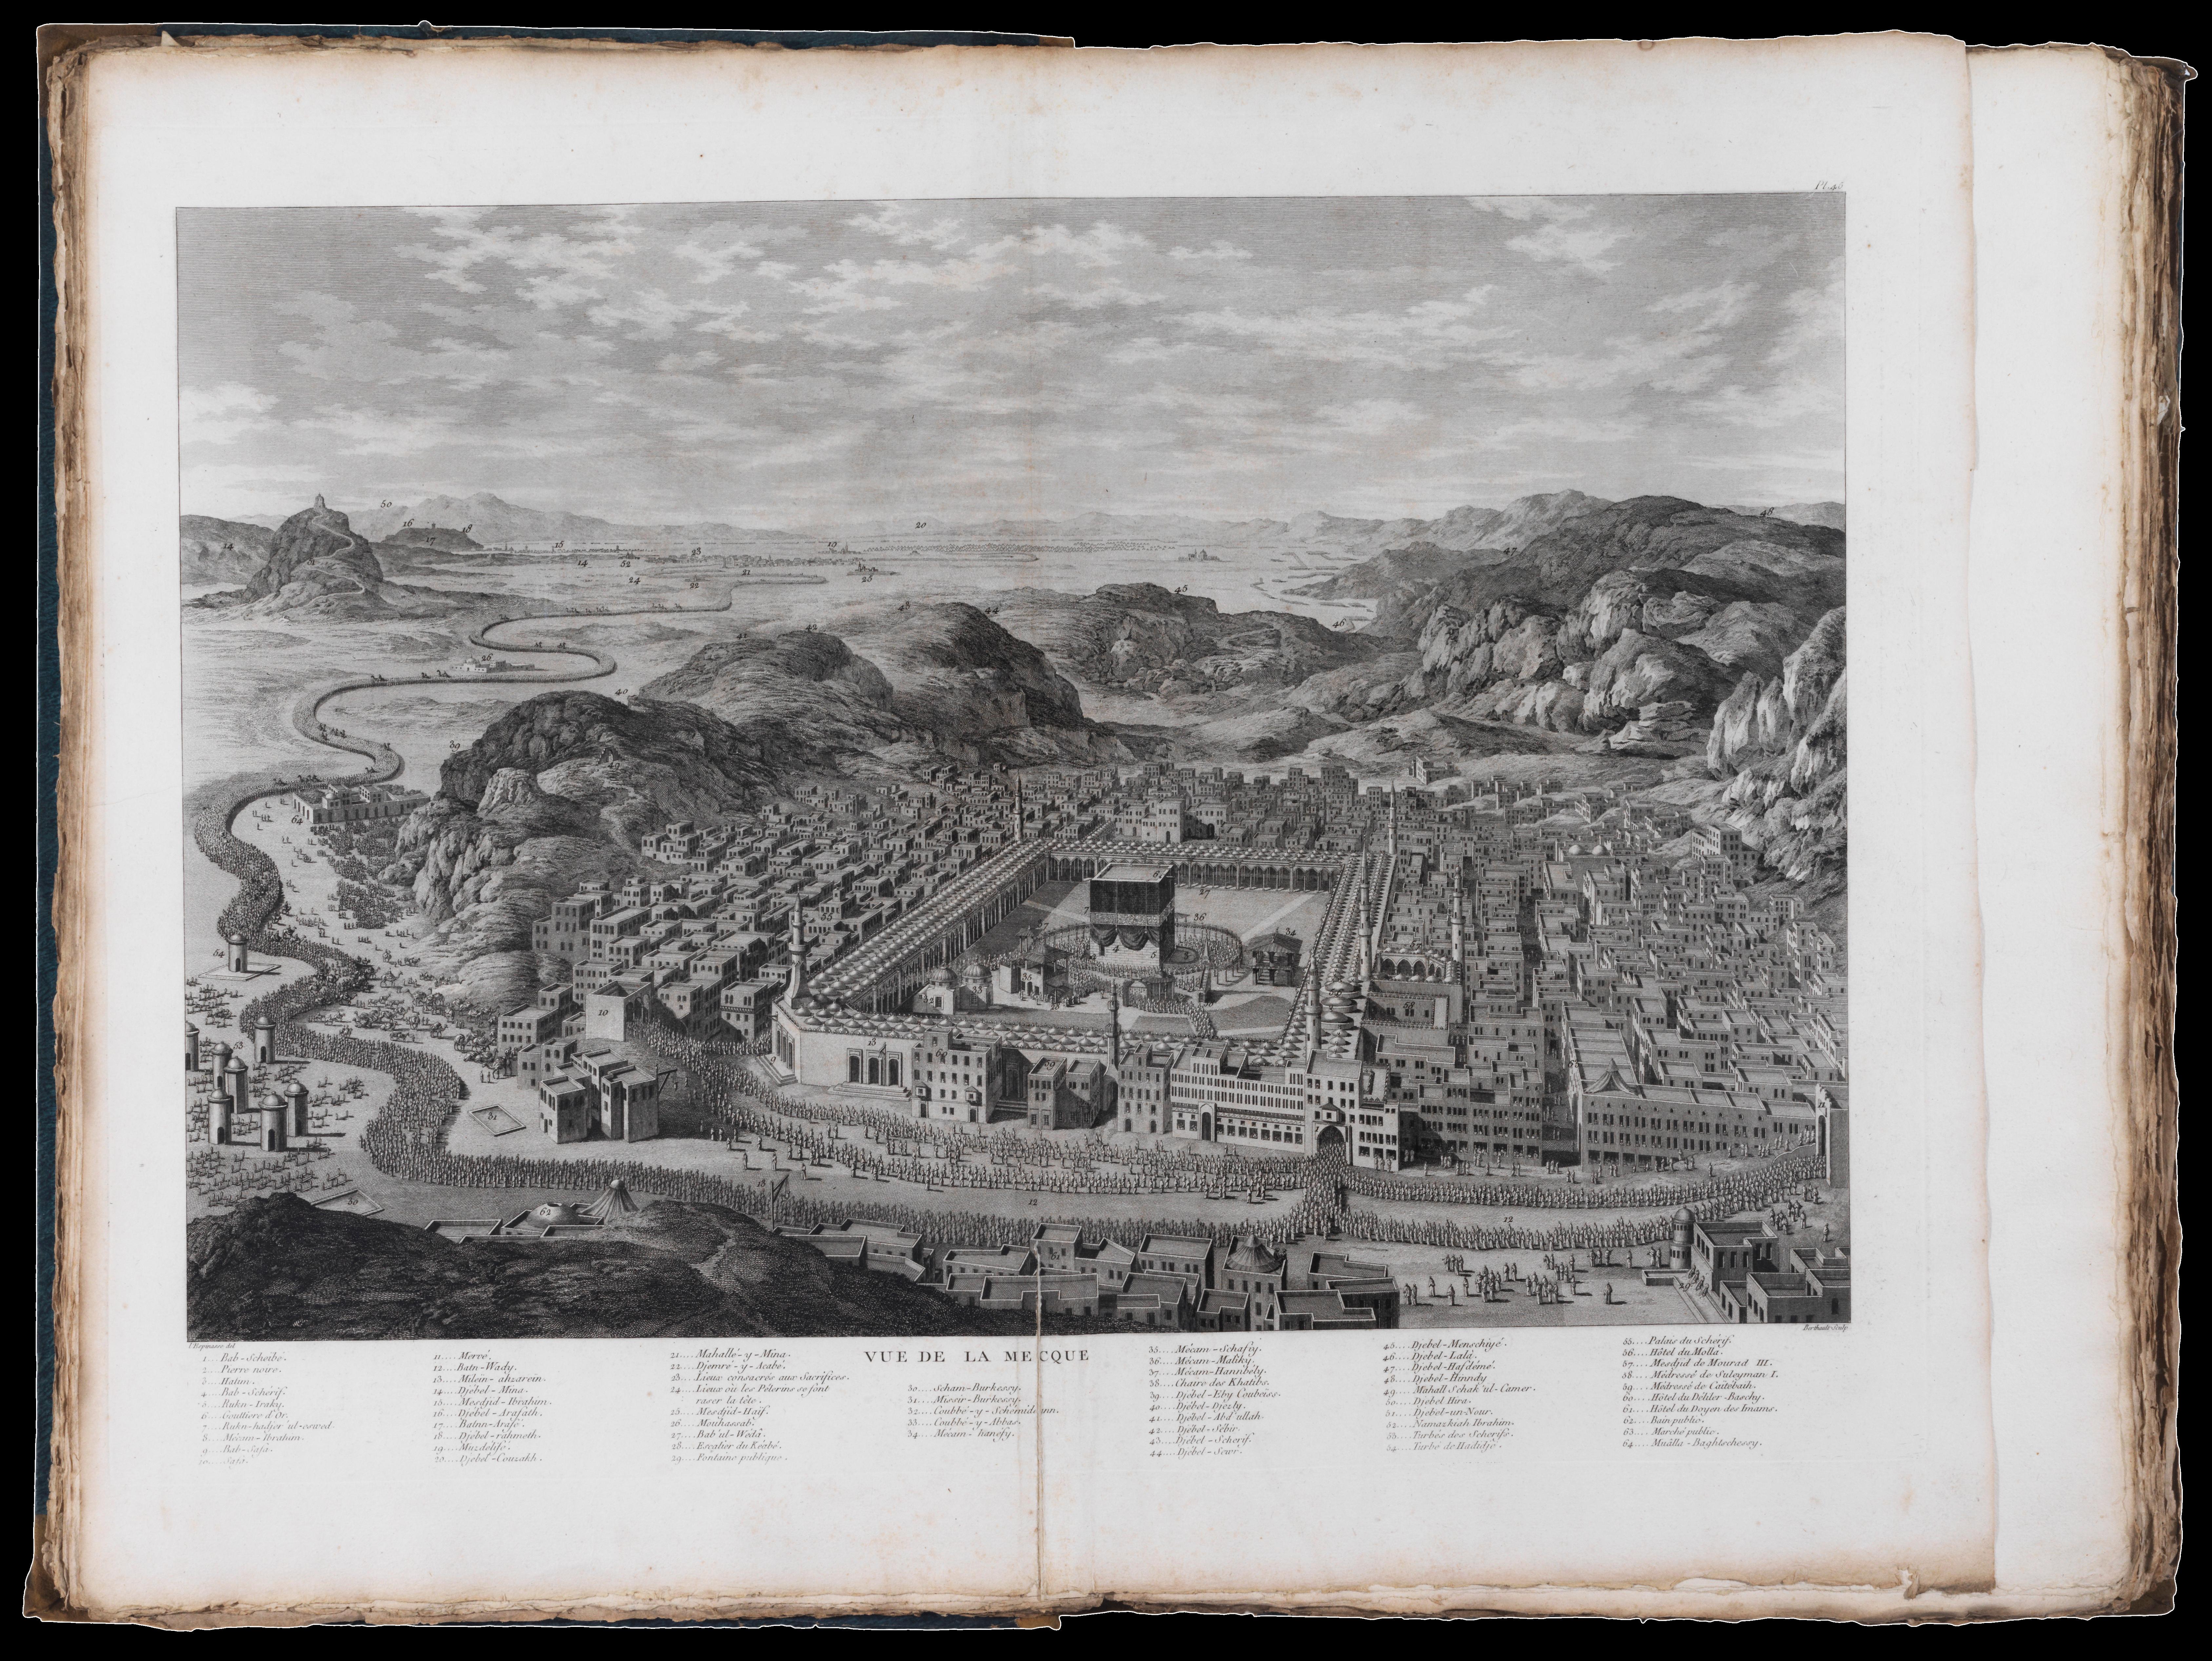 View of Mecca from Mouradgea d'Ohsson's  Tableau Général de l'Empire Ottoman